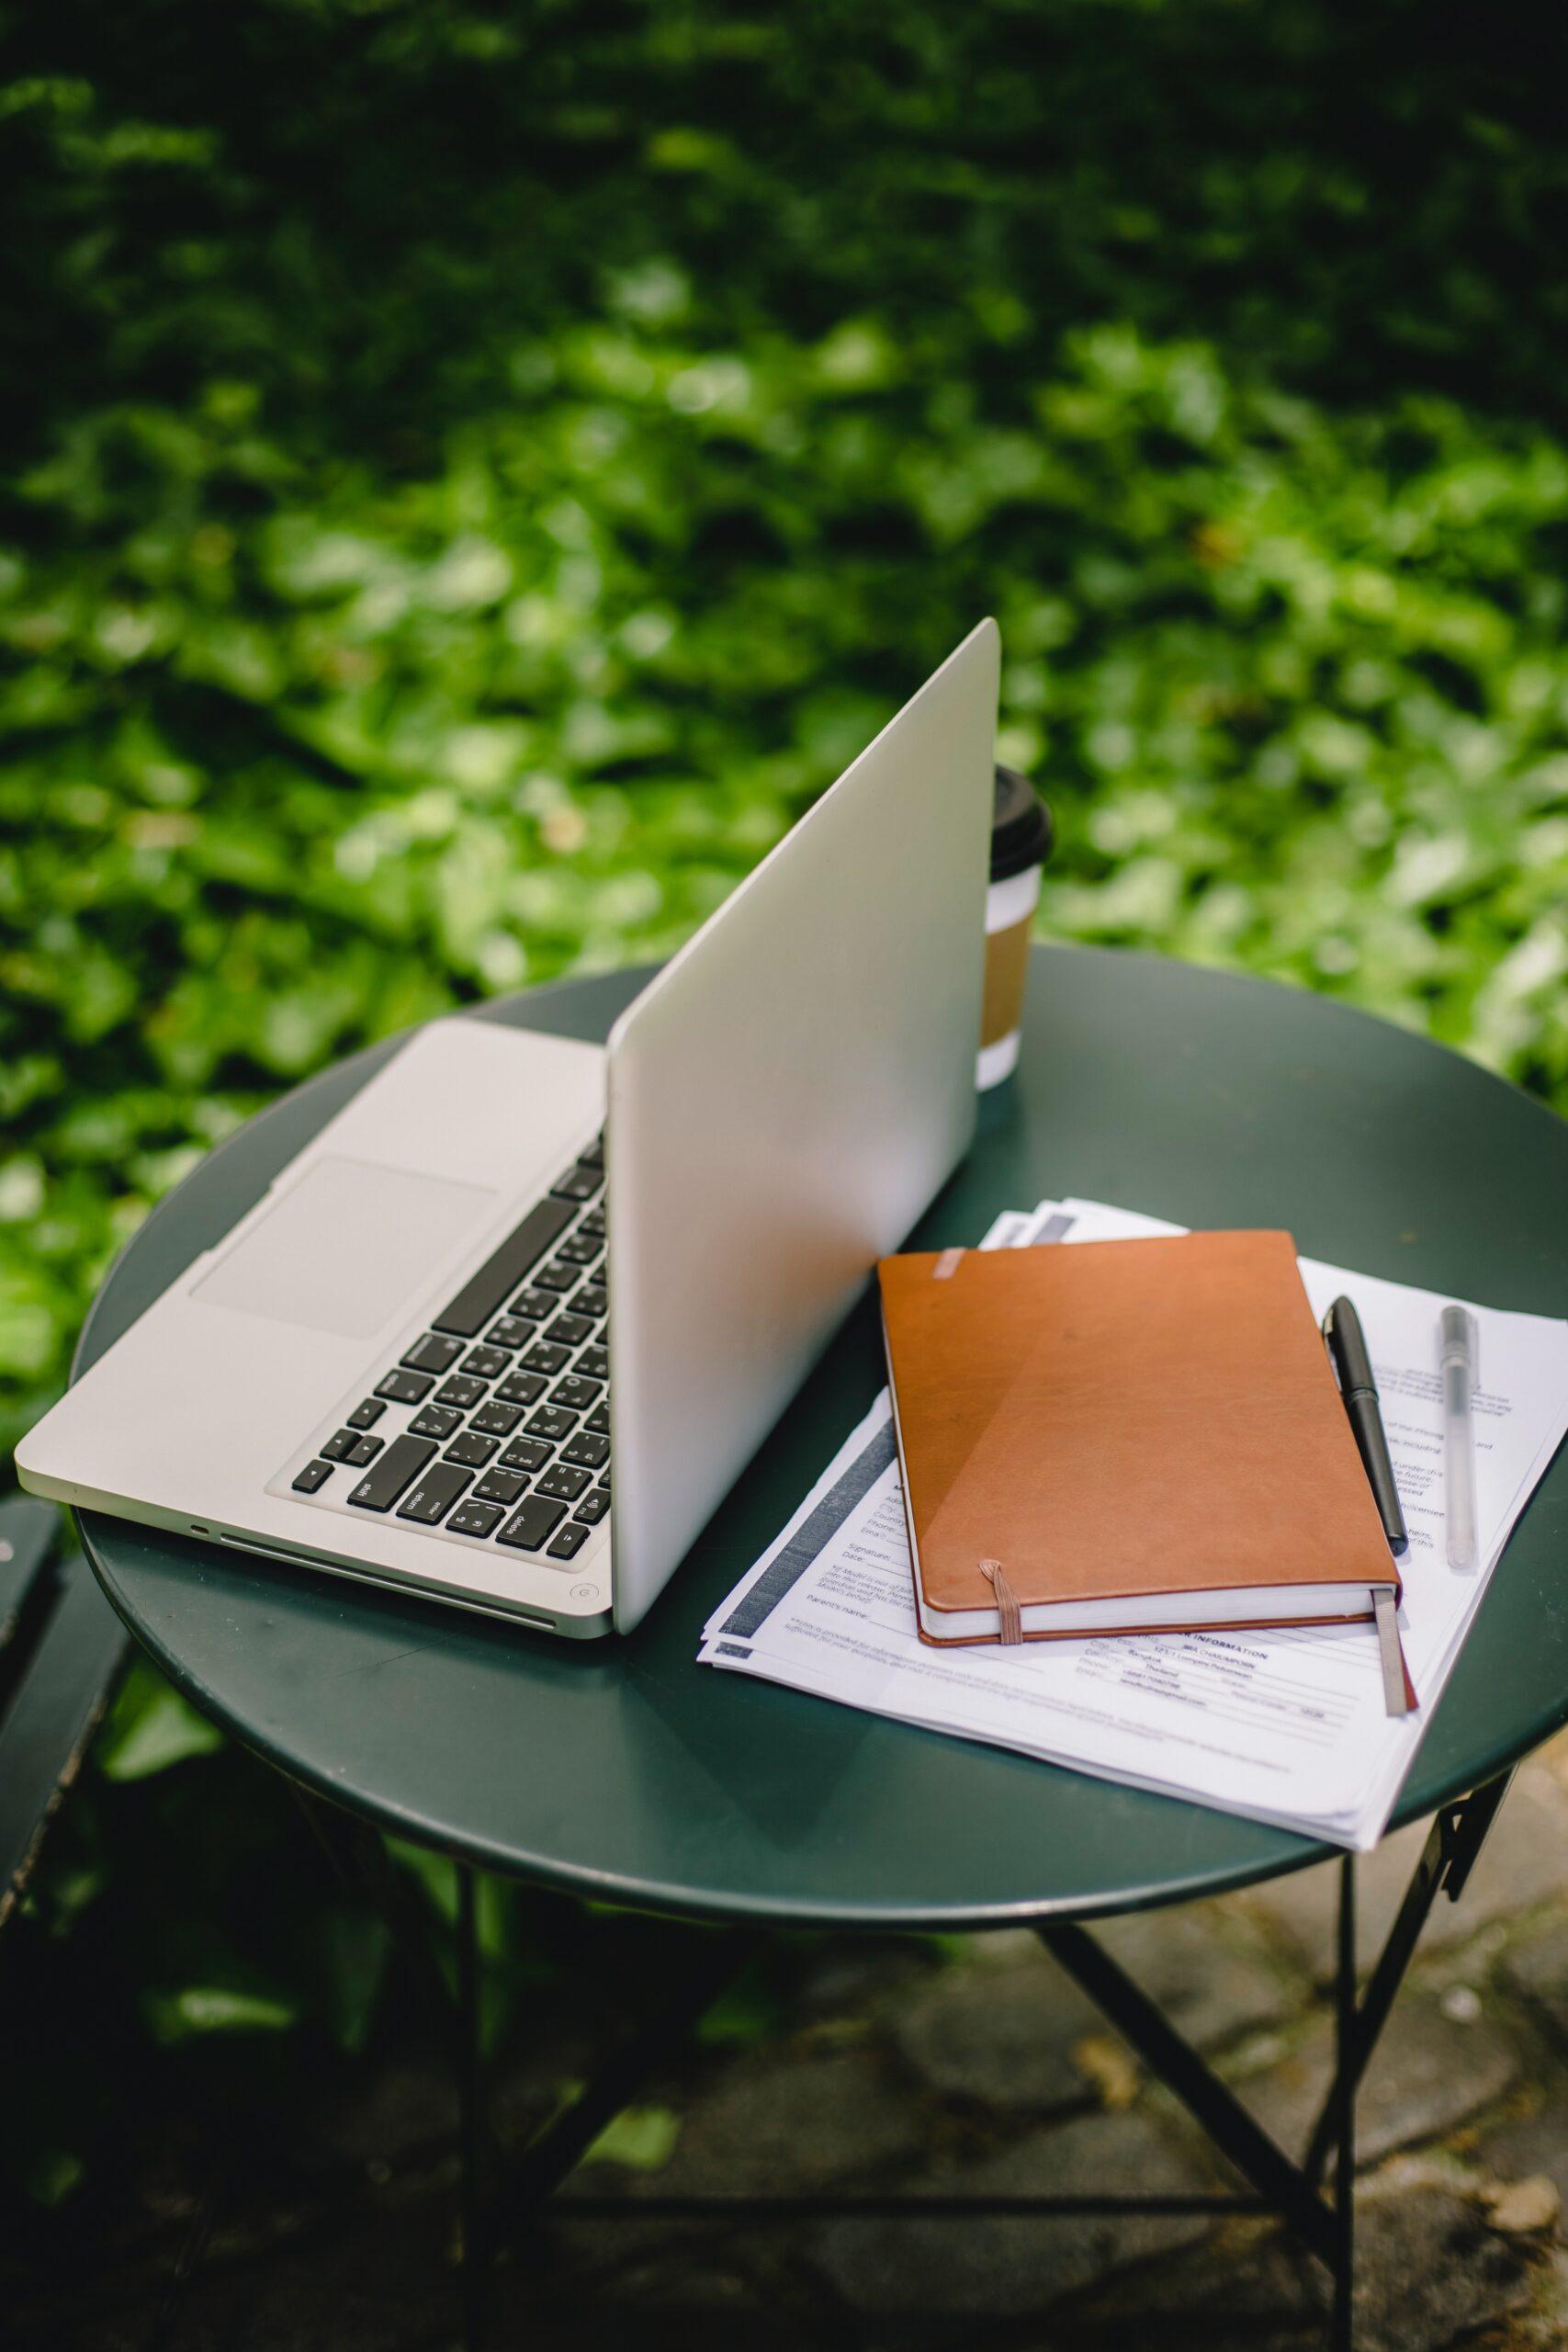 Gør dit udendørsprojekt nemmere med det rigtige udstyr